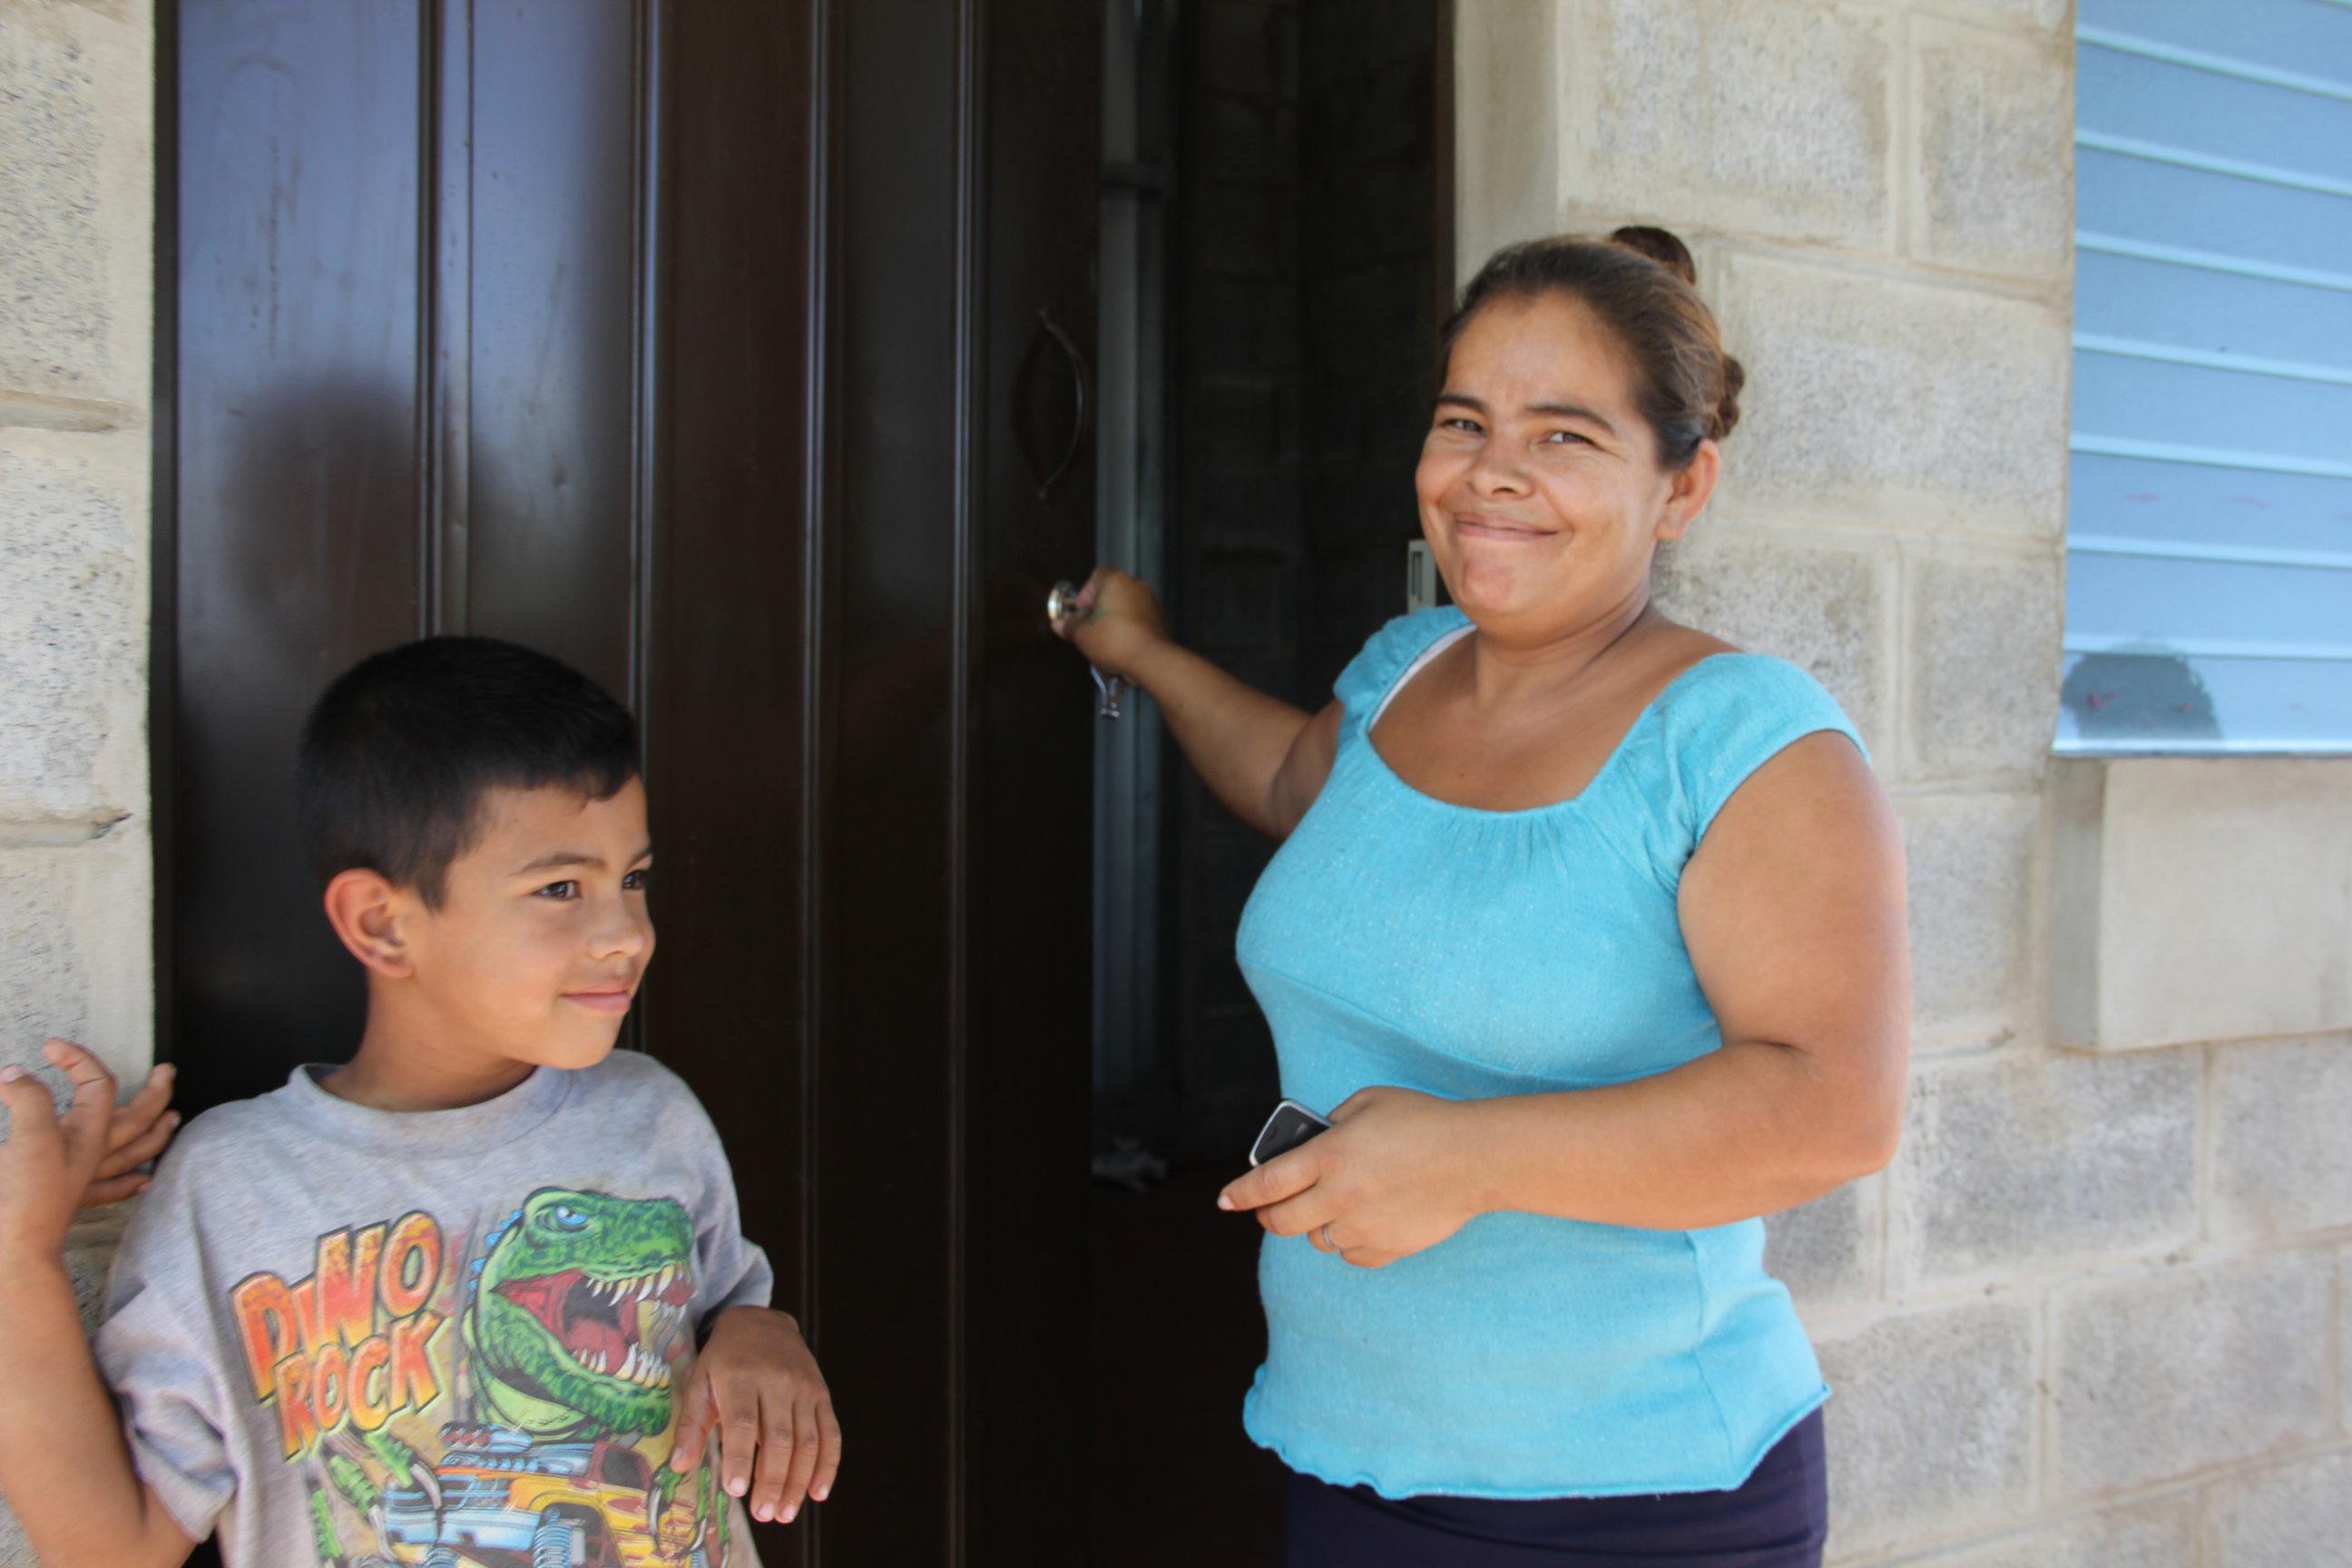 Gregoria unlocking the door to her new home